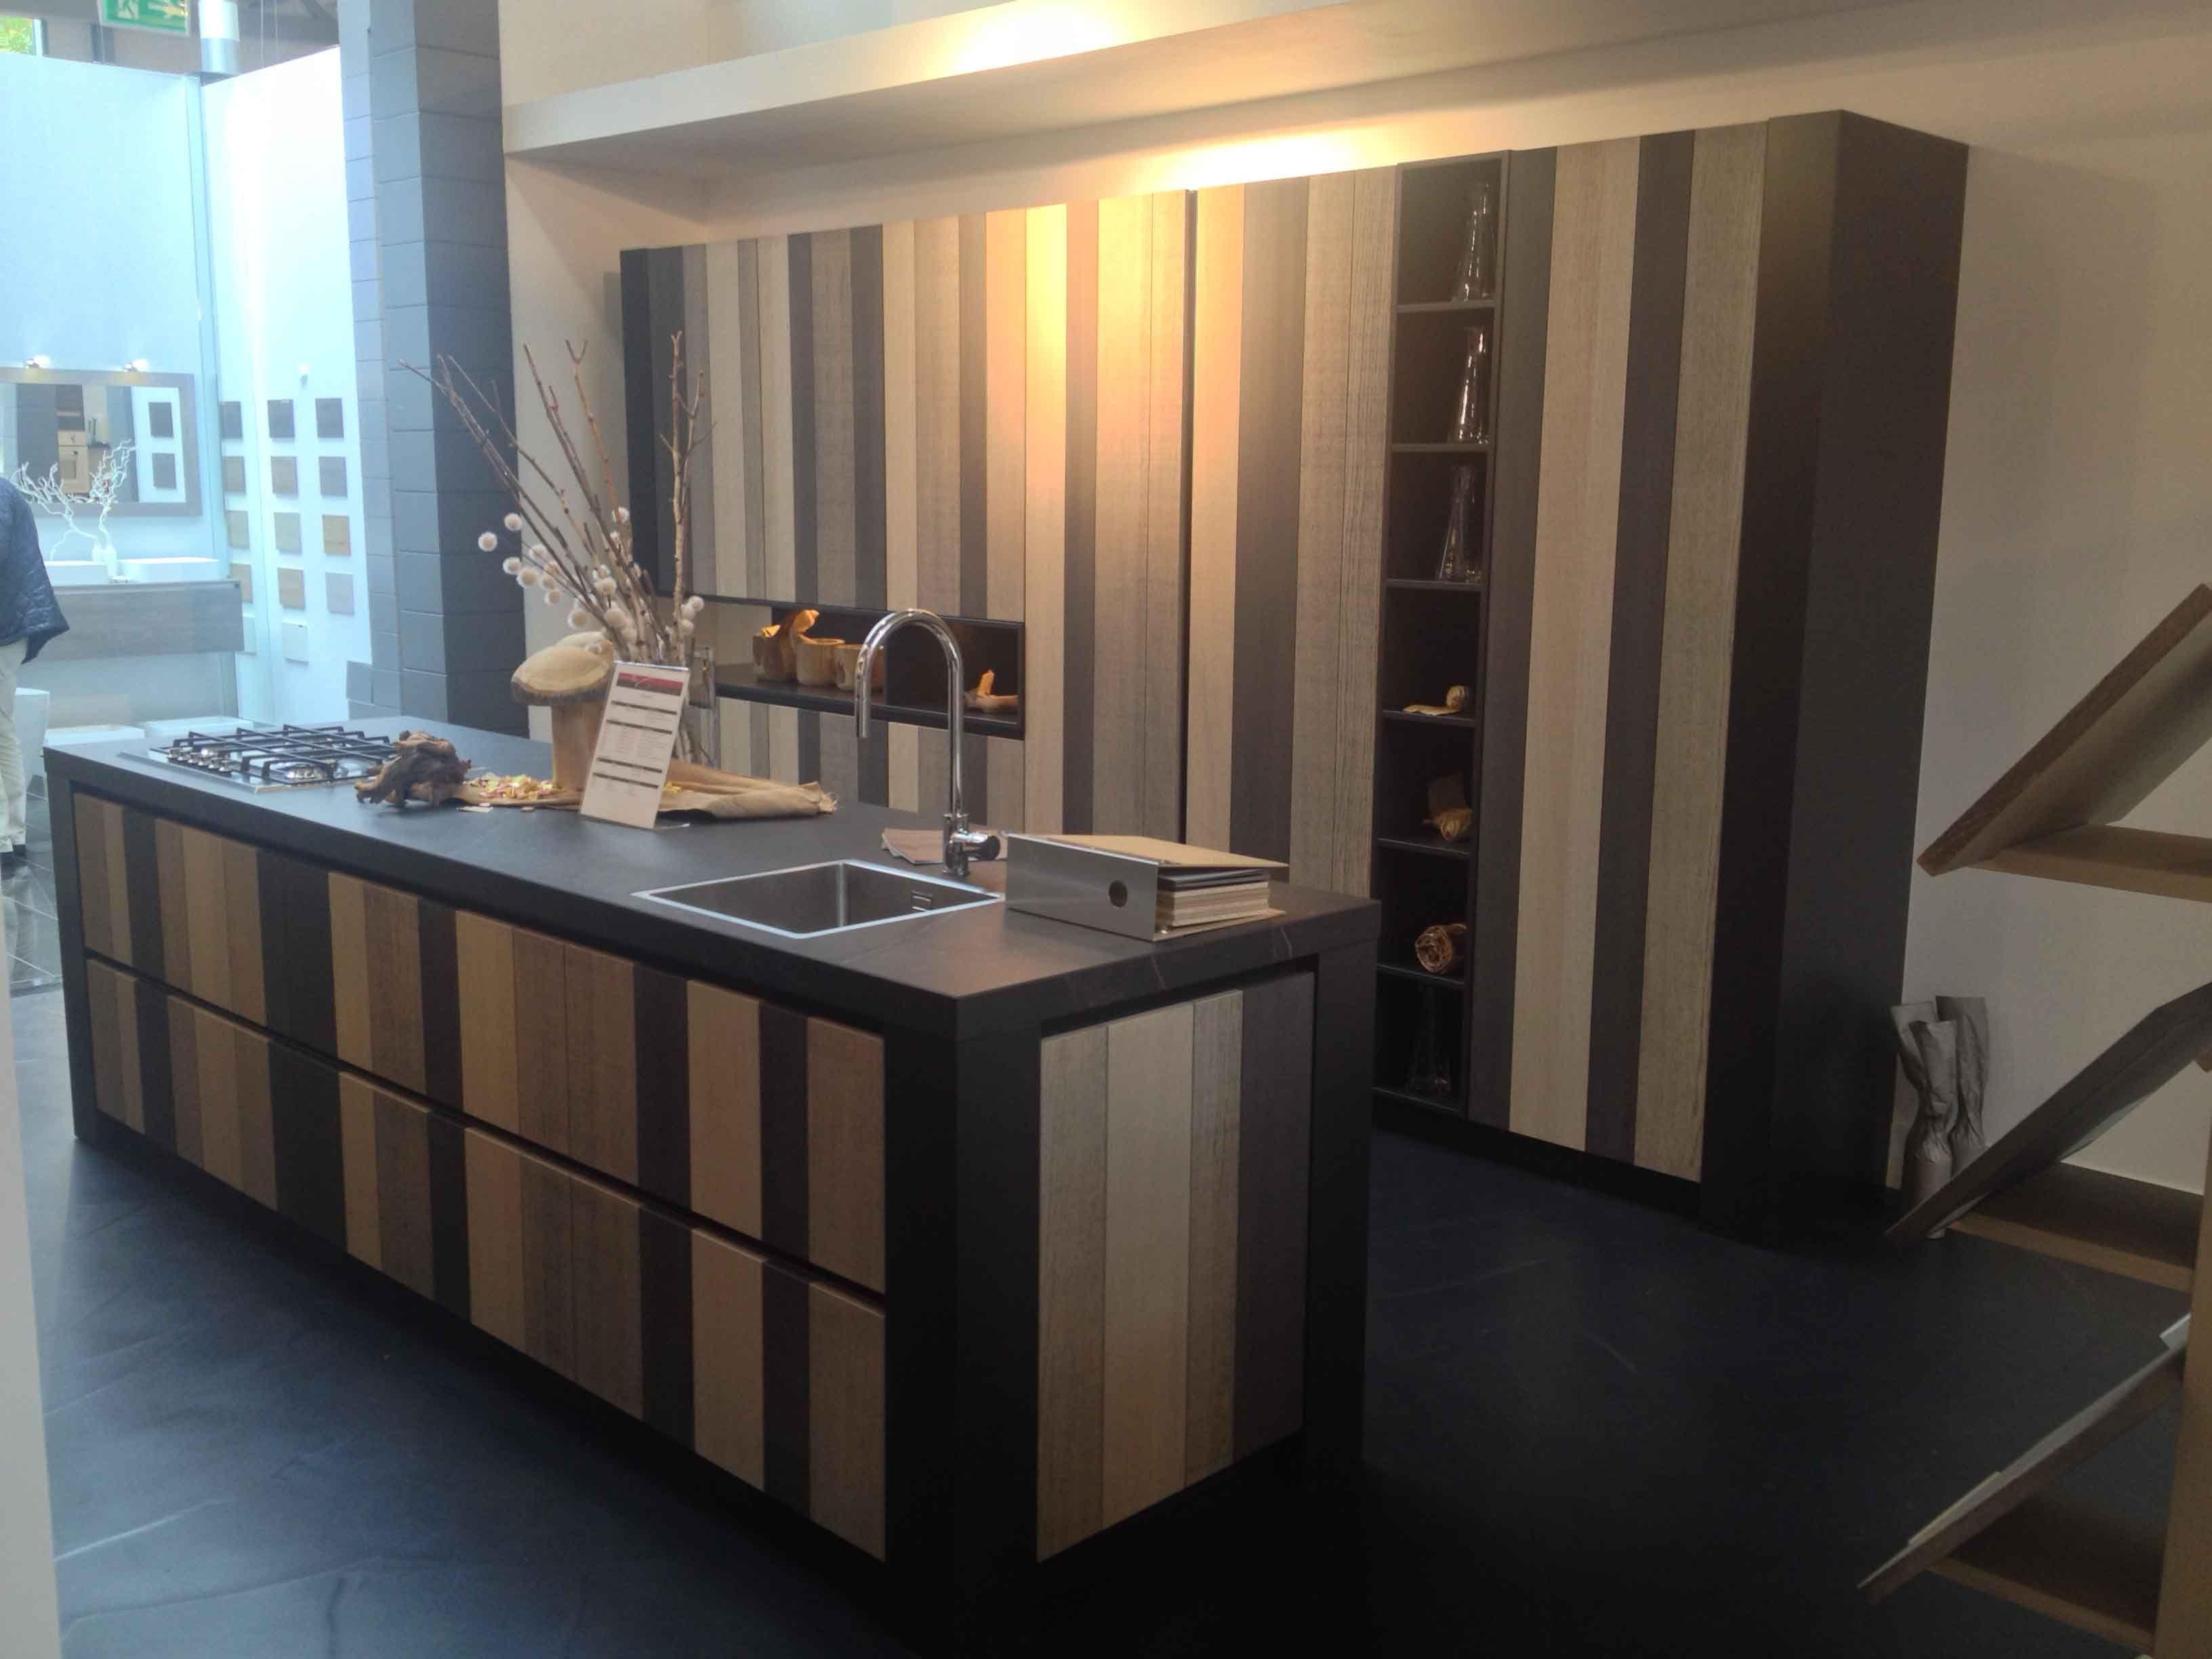 Keuken Fineer Hout : EIKEN FINEERSHOWROOMMODELMooie fineer houten keukenHoutsoort: Fineer